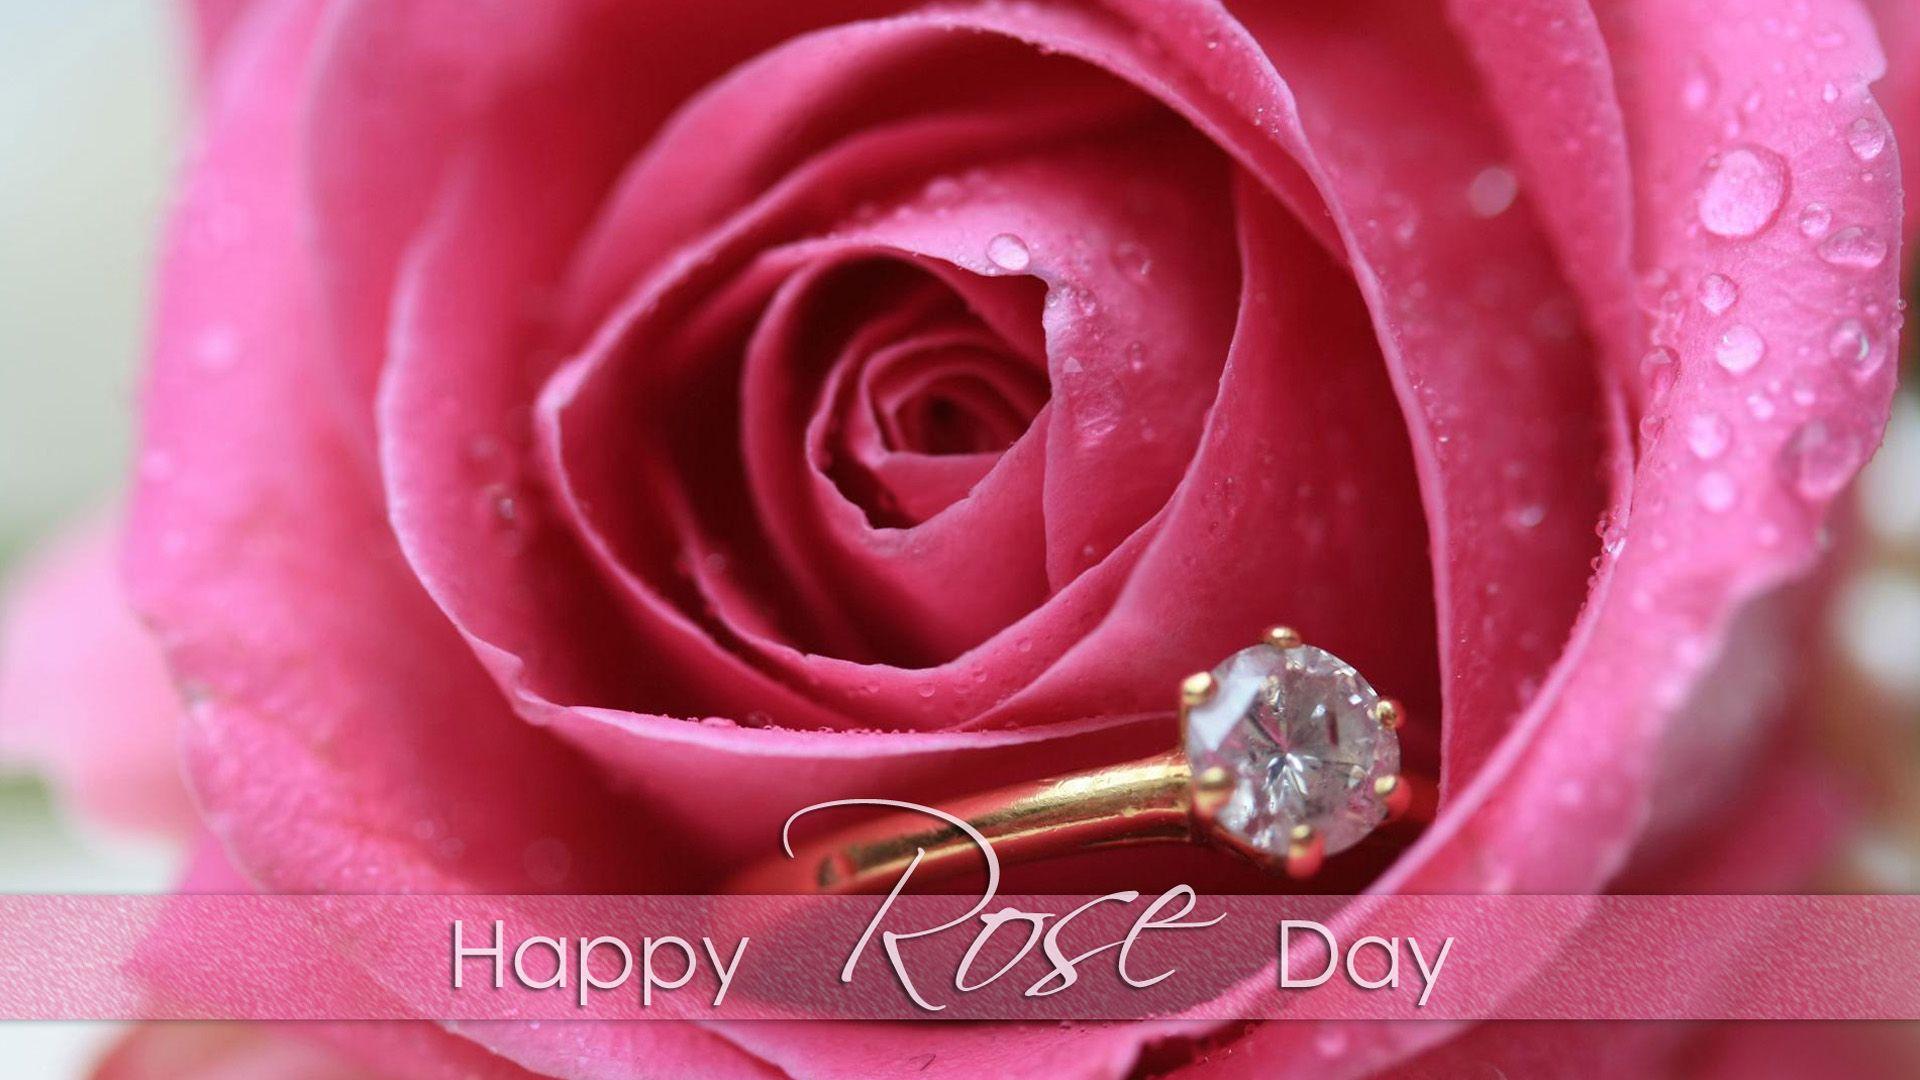 The Rose of Love roses Wallpaper Les jolie rose Pinterest